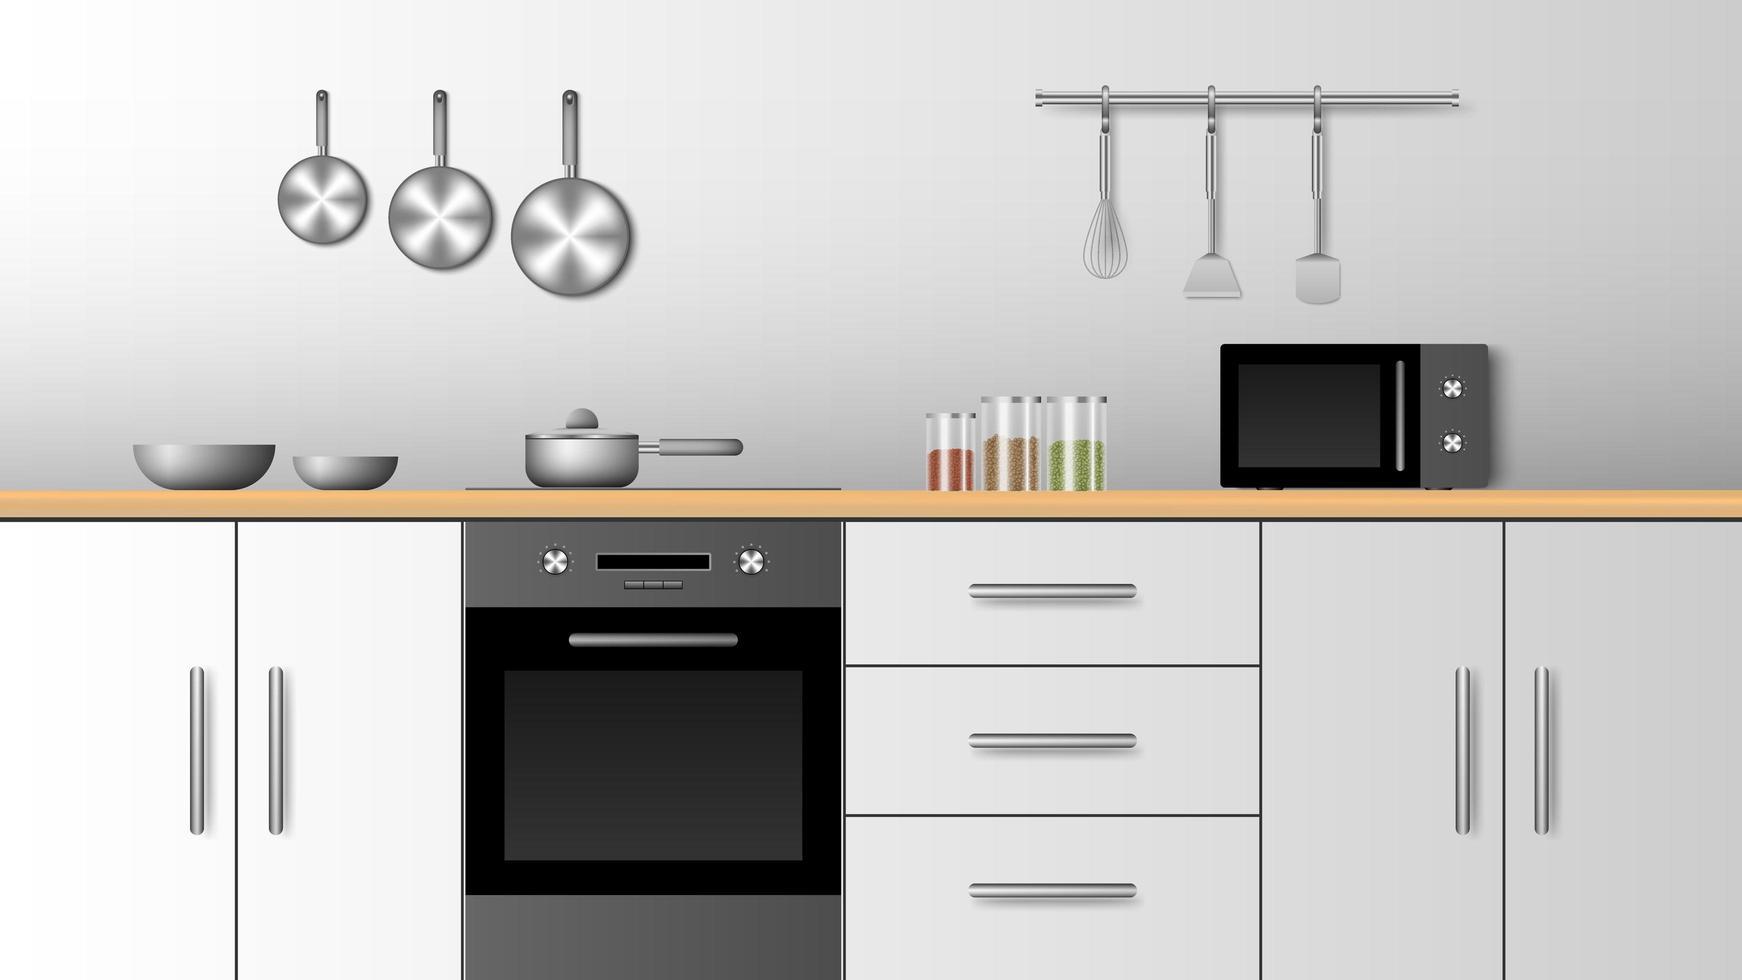 realistisches modernes Küchendesign vektor